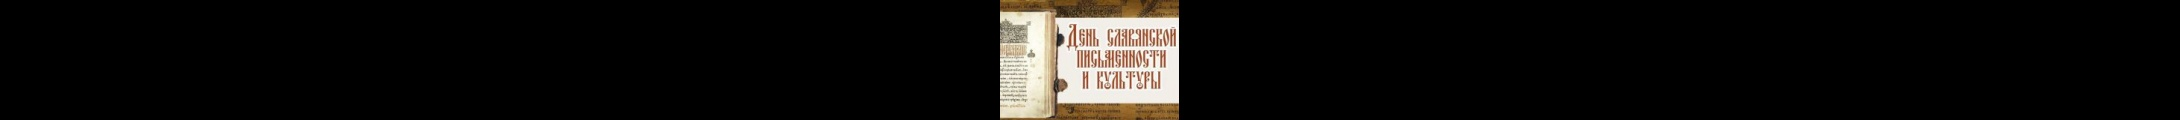 День славянской письменности и культуры. Классный час. 45гр. (Татаренко Л.В.)